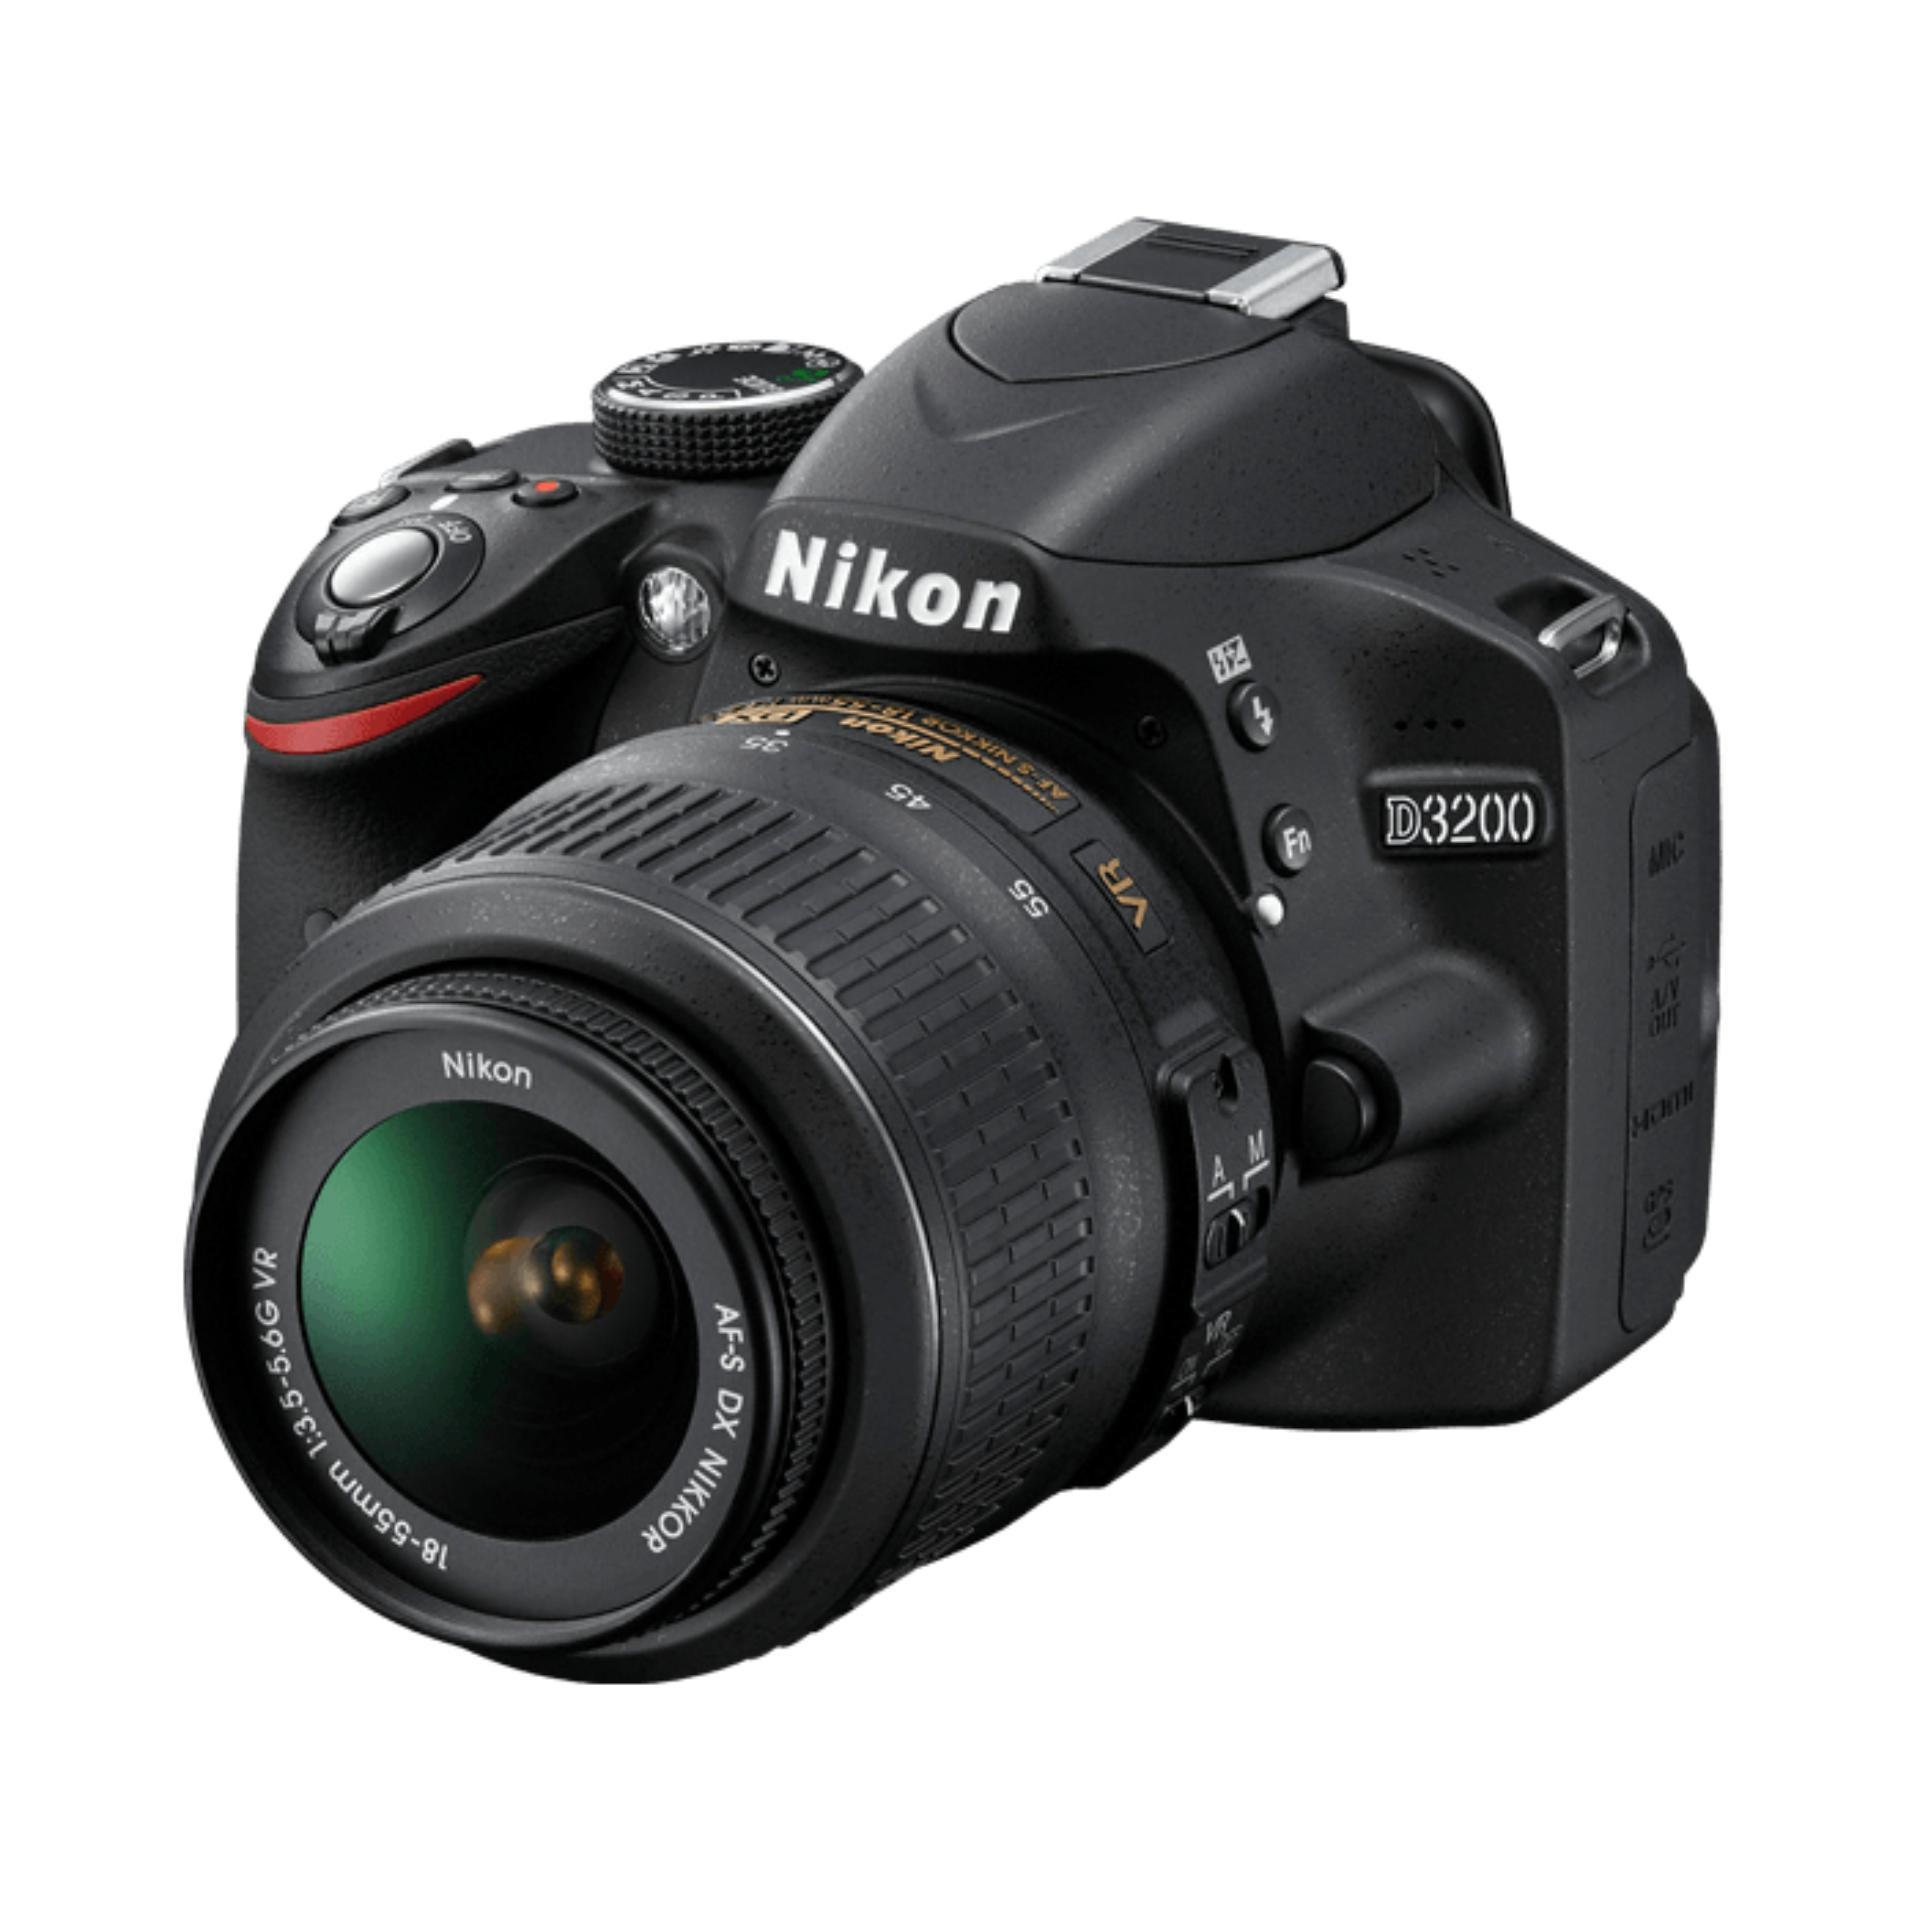 Nikon D3200 DSLR With 18-55mm Lens